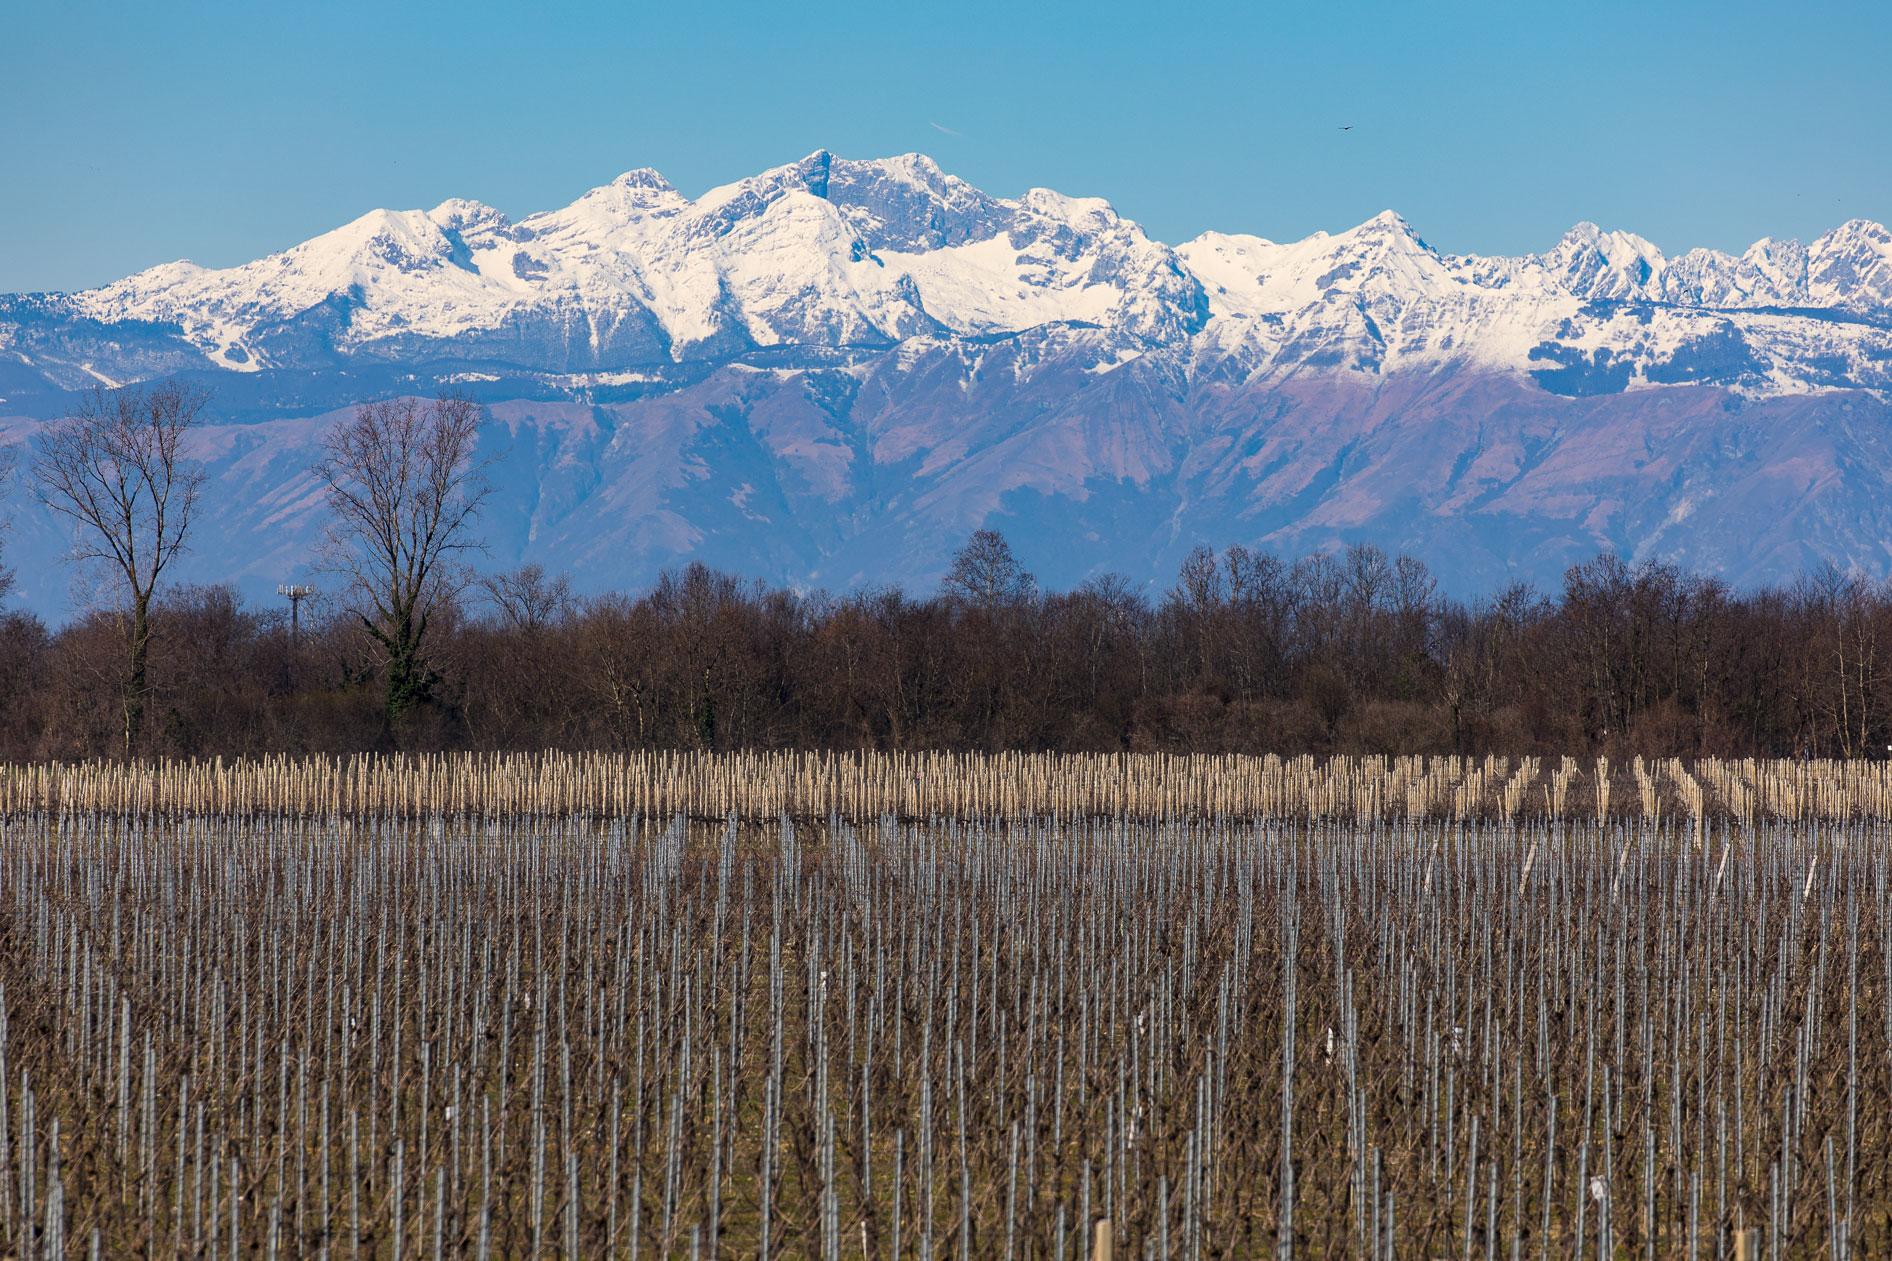 弗留利-威尼斯-朱利亚:意大利白葡萄酒天堂